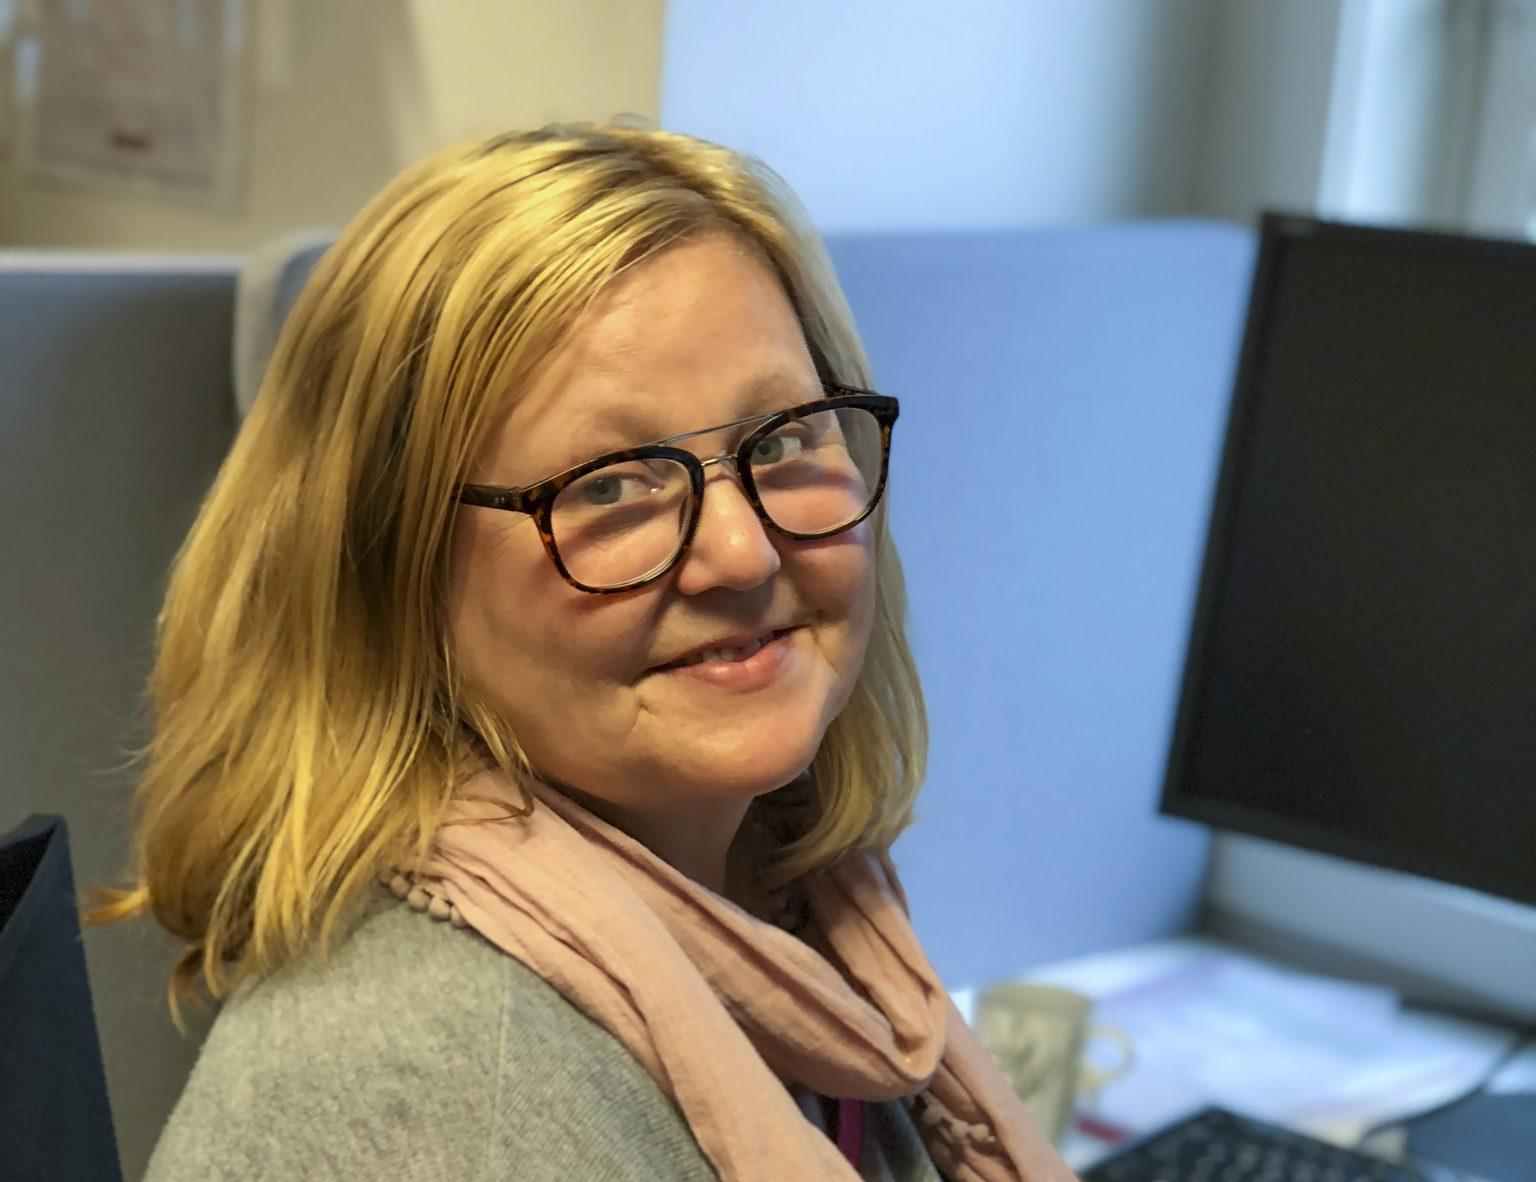 DELER AV SIN ERFARING: En av oppgavene til erfaringskonsulent ved NAV Hadeland, Nina Kristin Skåningsrud, er å motivere NAV-brukere med dårlig selvfølelse til å våge seg i jobb.